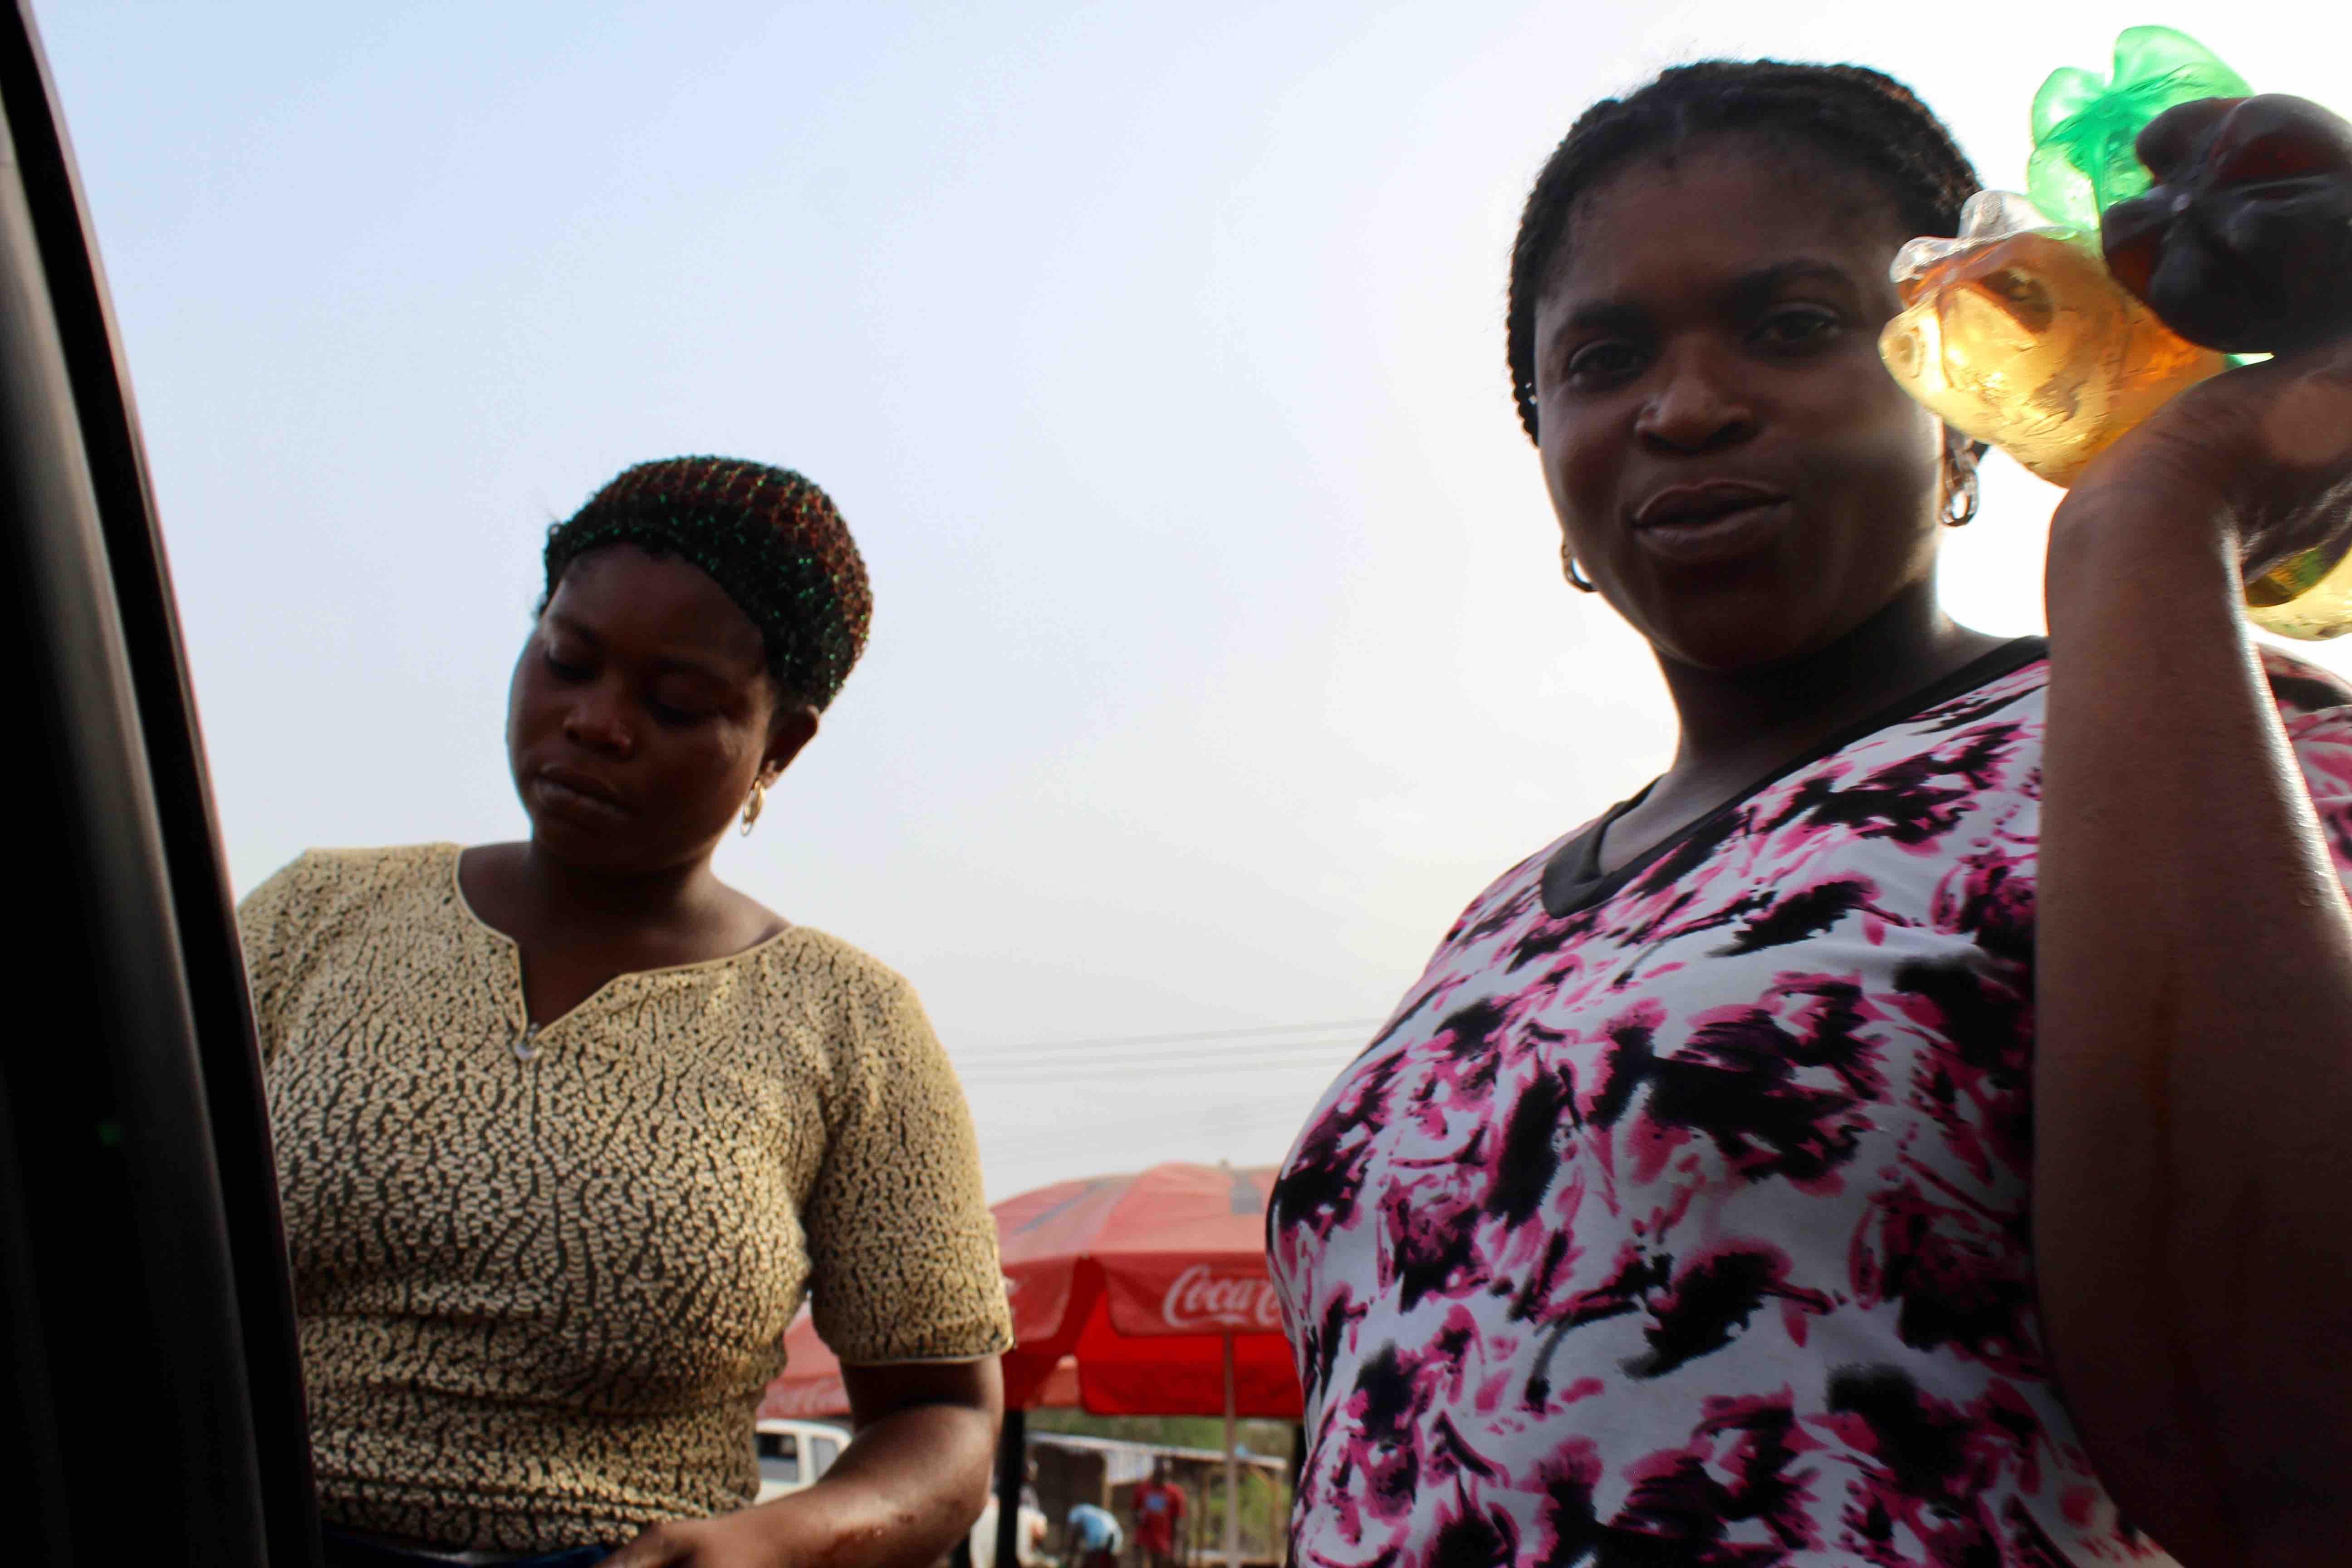 Women Roadside Hawking, Liquid Refreshments, Lokoja, Kogi State, Nigeria. #JujuFilms